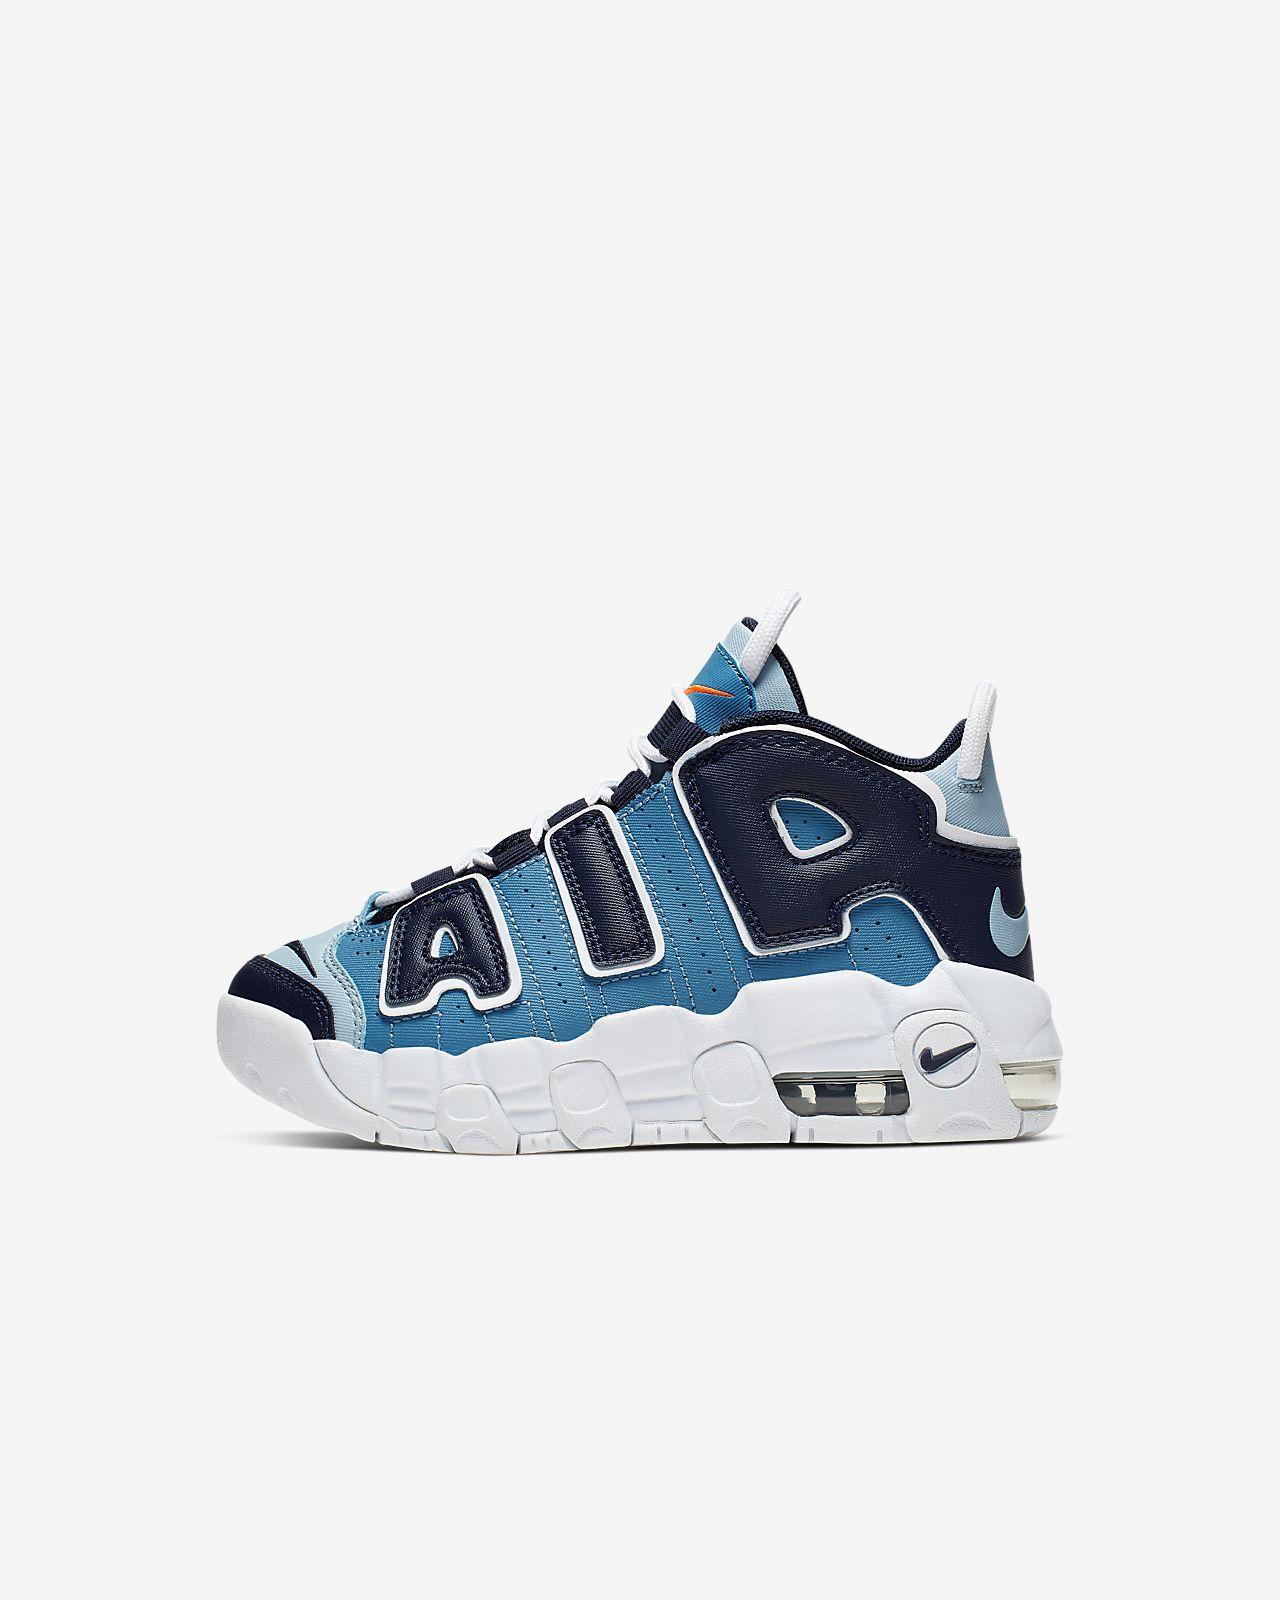 Nike Air More Uptempo Küçük Çocuk Ayakkabısı